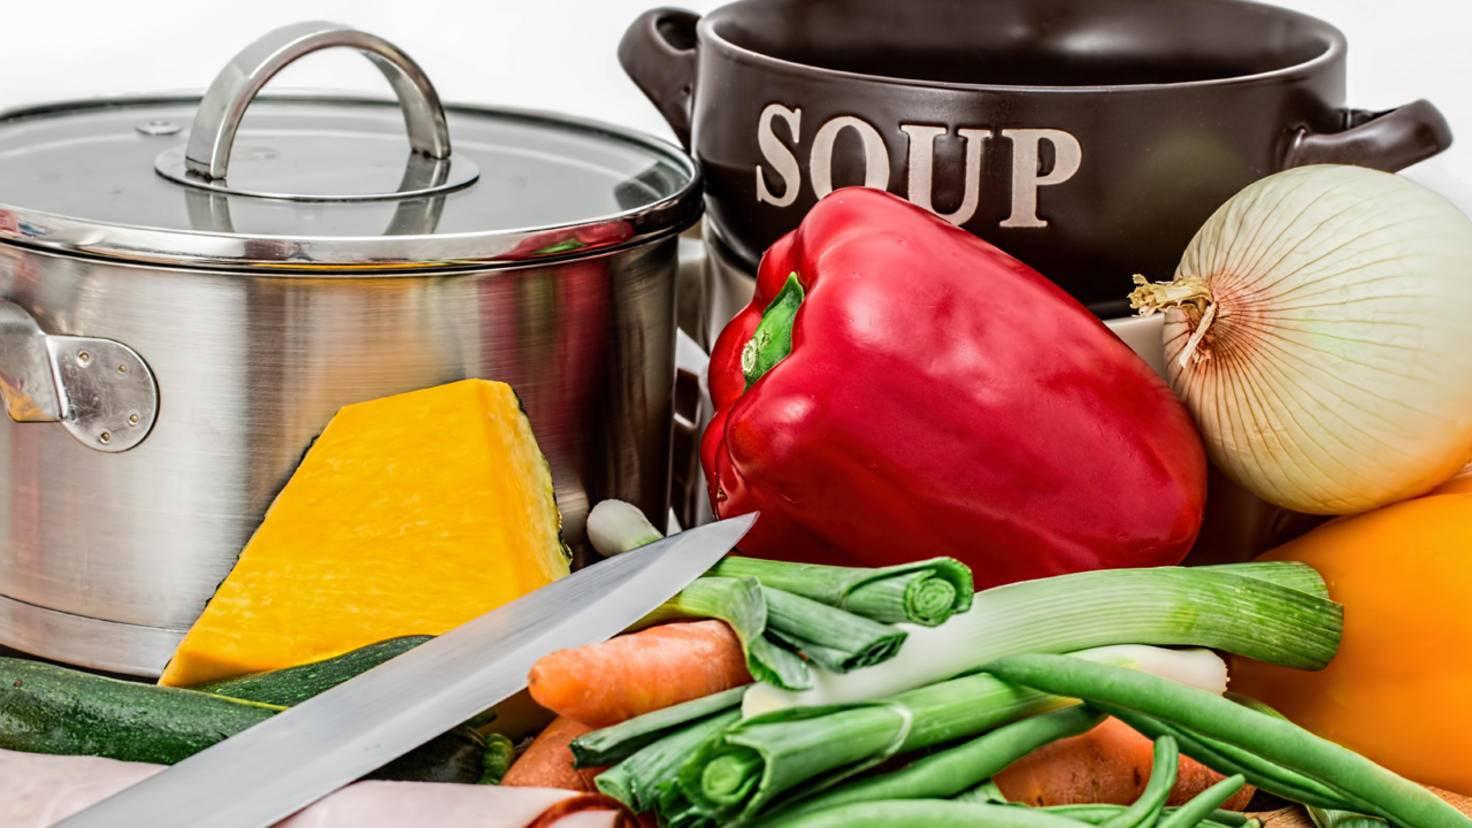 Suppen und Eintöpfe sind immer eine gute Verwertungsmöglichkeit für Essensreste.